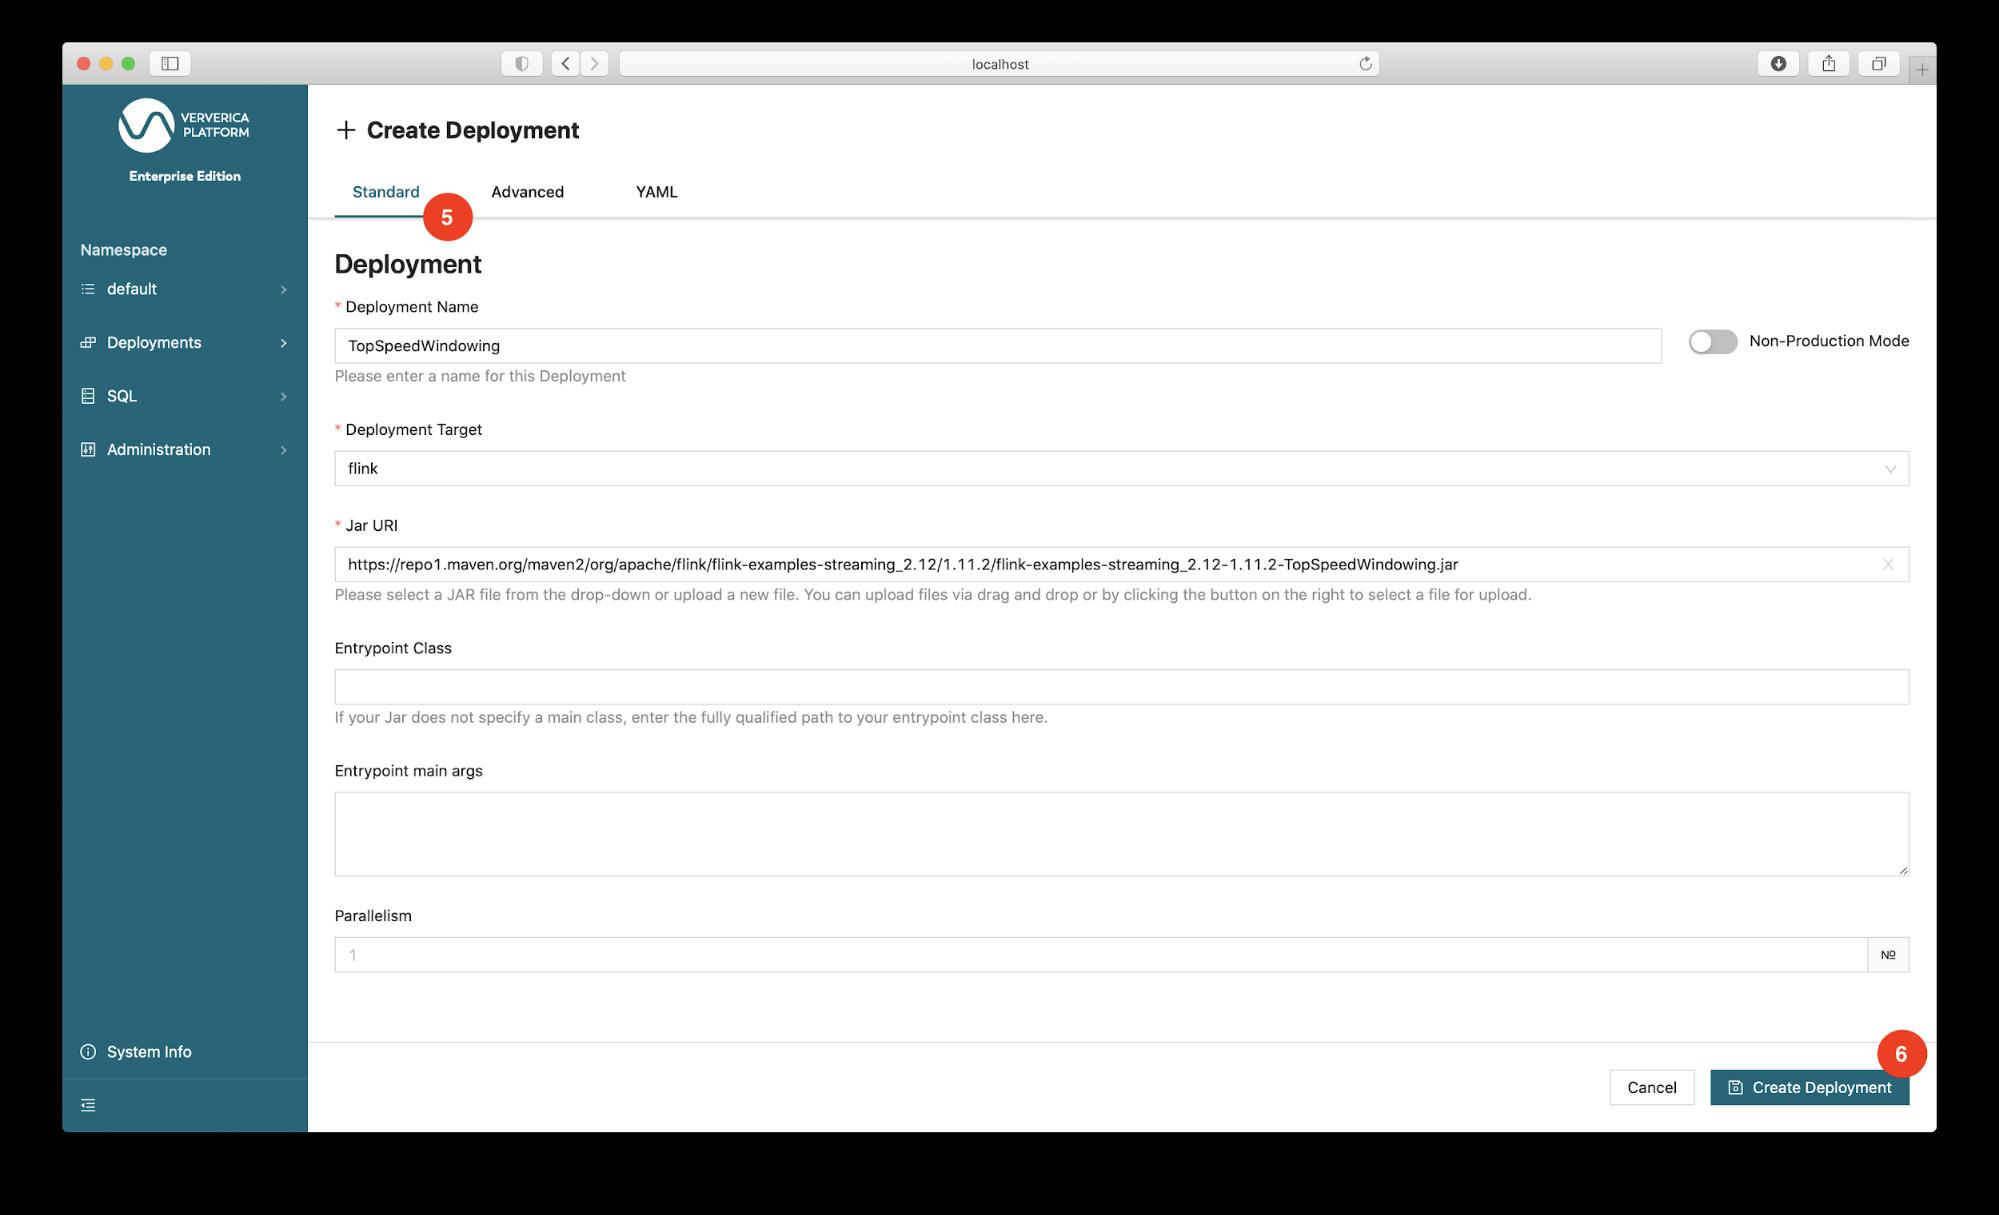 Ververica Platform, Flink on Kubernetes, Flink Deployment